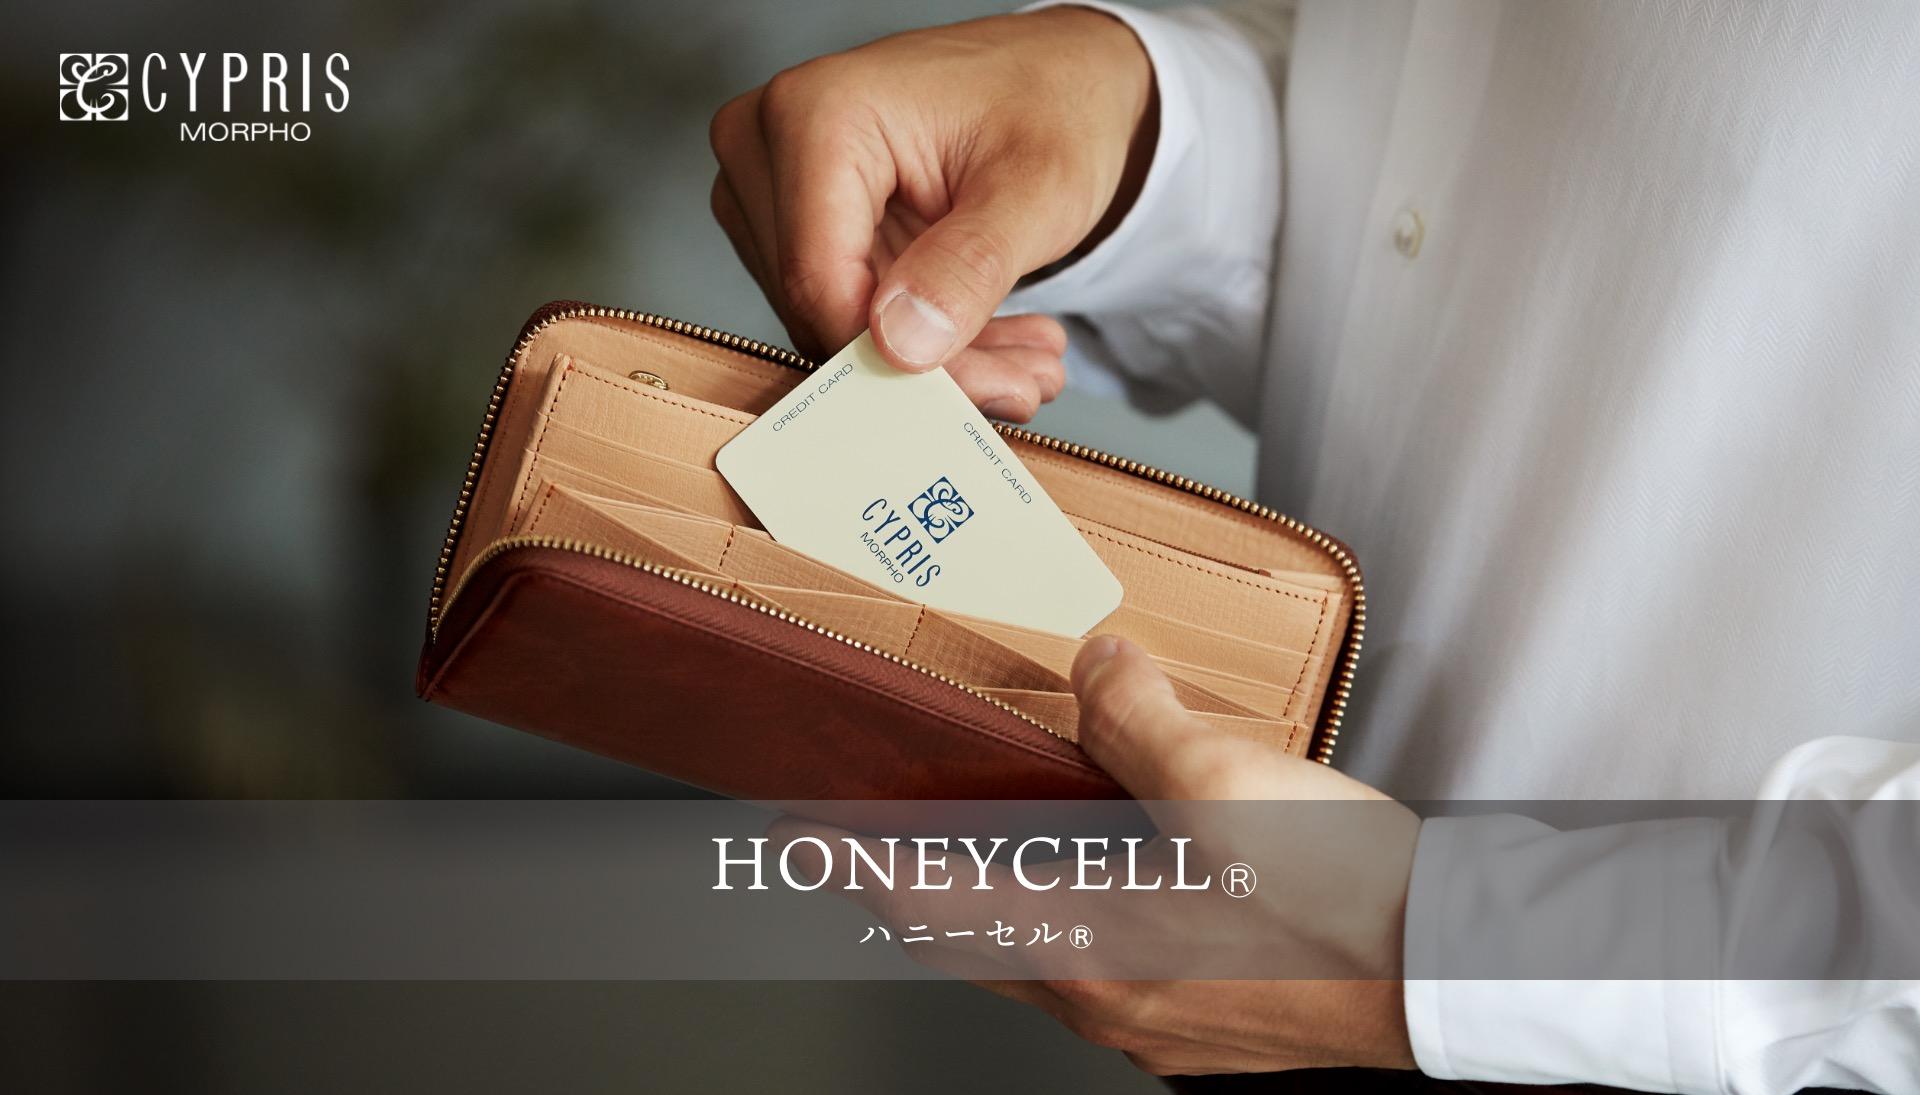 ポケットが広がってすぐに出せる 卓越した職人技の日本製 カード収納枚数21枚以上。